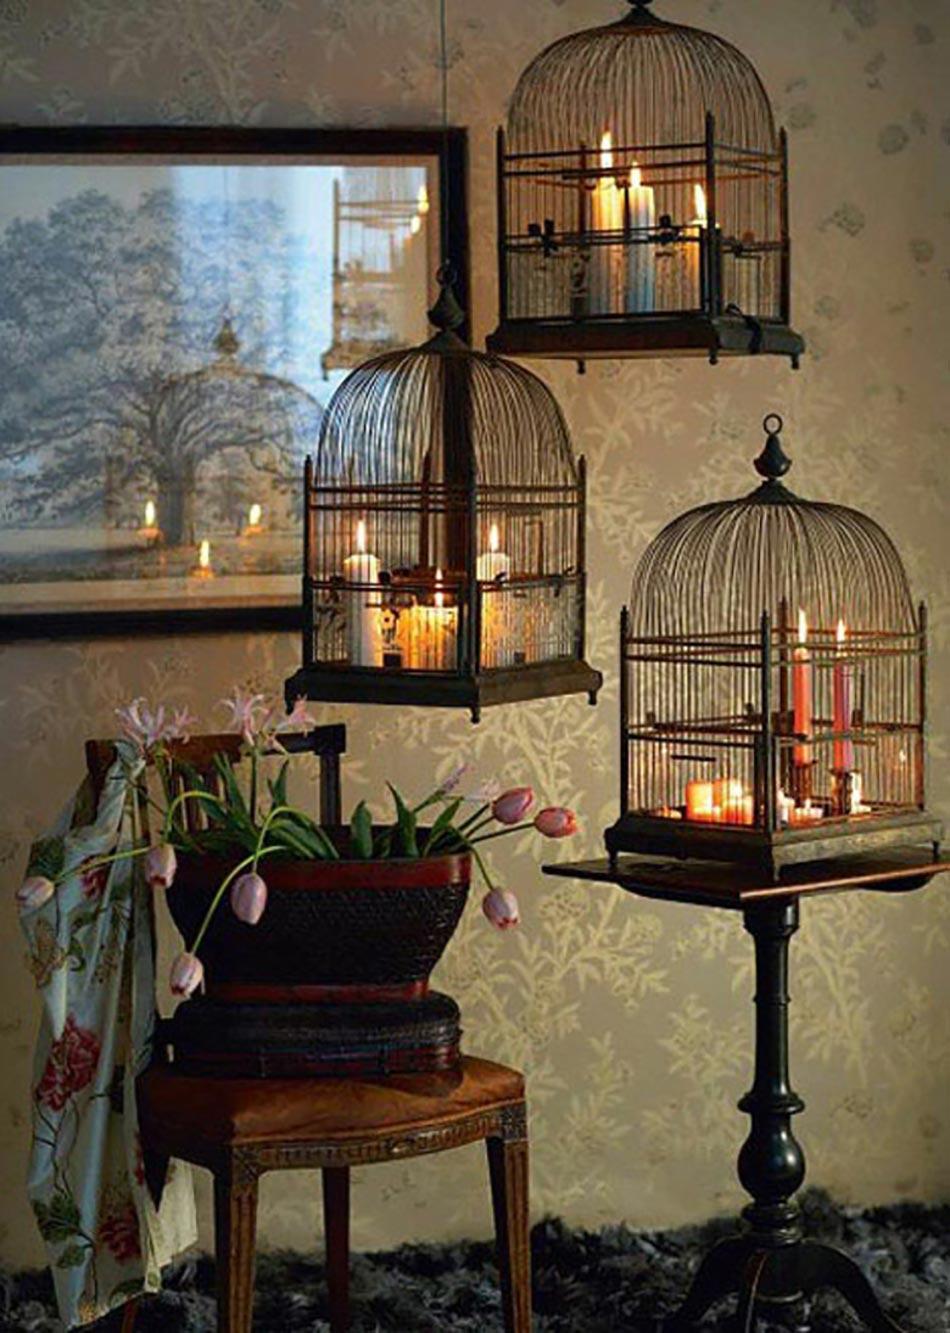 Alina, Meubles et dcoration d intrieur : salon, chambre, cuisine